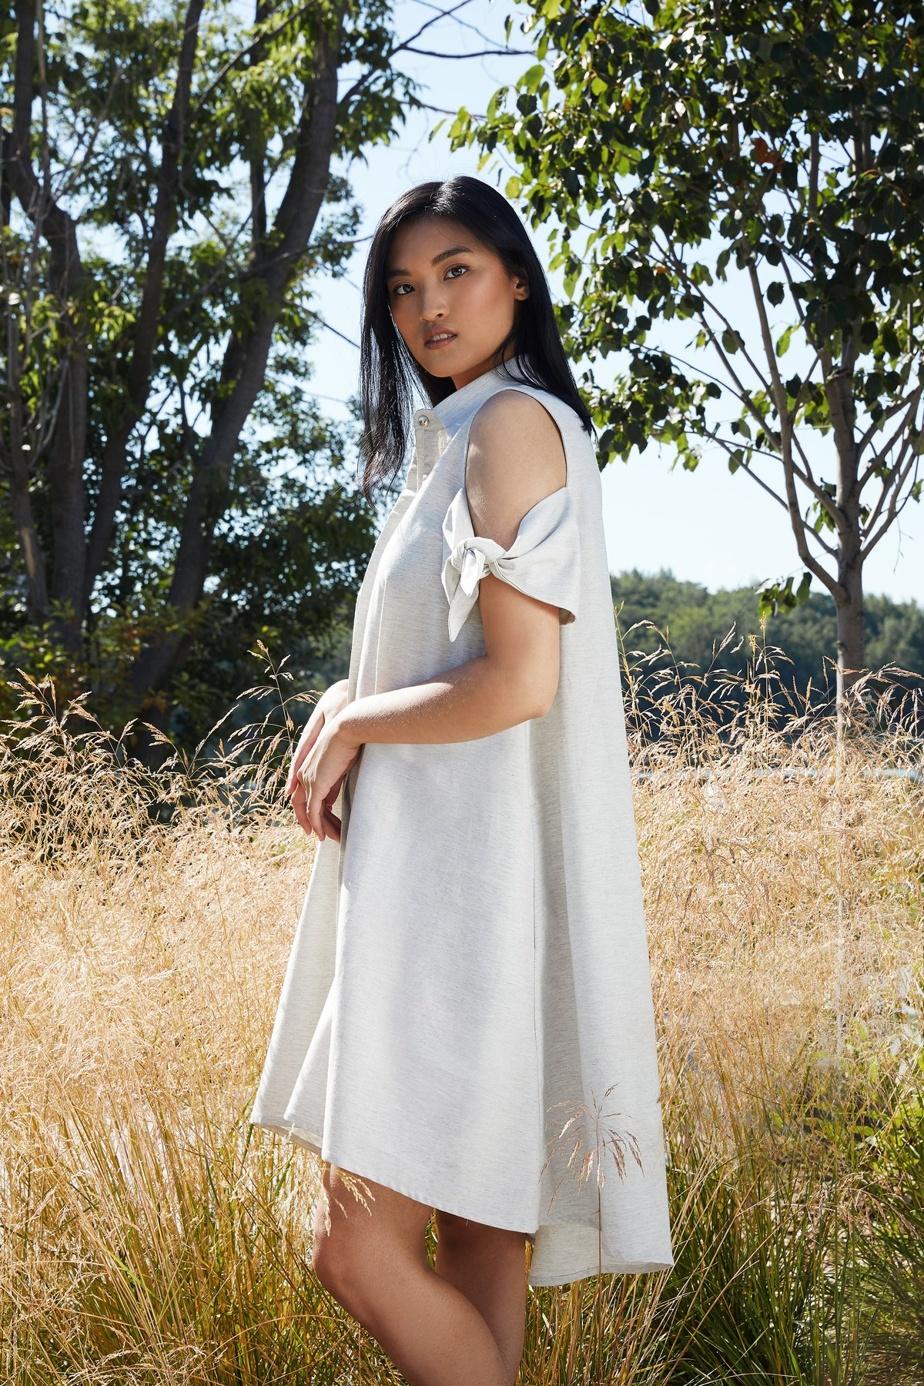 Pièce estivale chouchou de Marigold, la robe chemise Orlanda en coton biologique (229$) est de retour. Ses épaules dénudées lui donnent un soupçon de légèreté.